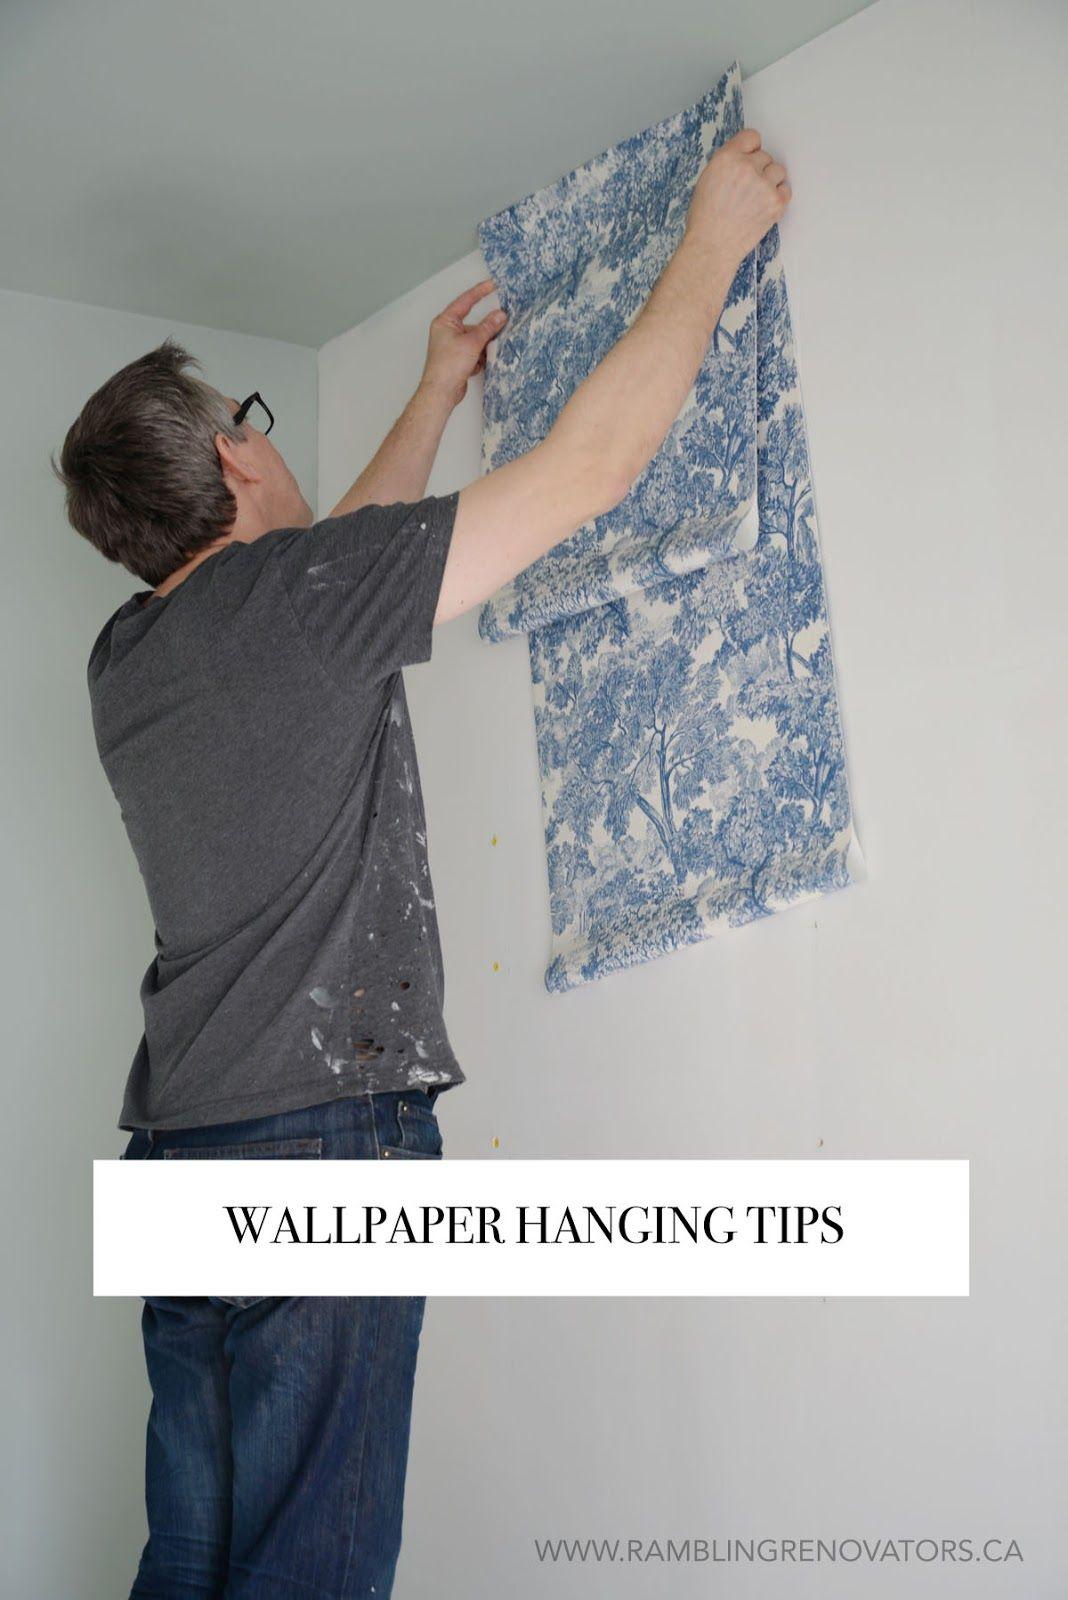 Wallpaper Installation Ramblingrenovators Ca How To Hang Wallpaper How To Install Wallpaper Diy Hanging